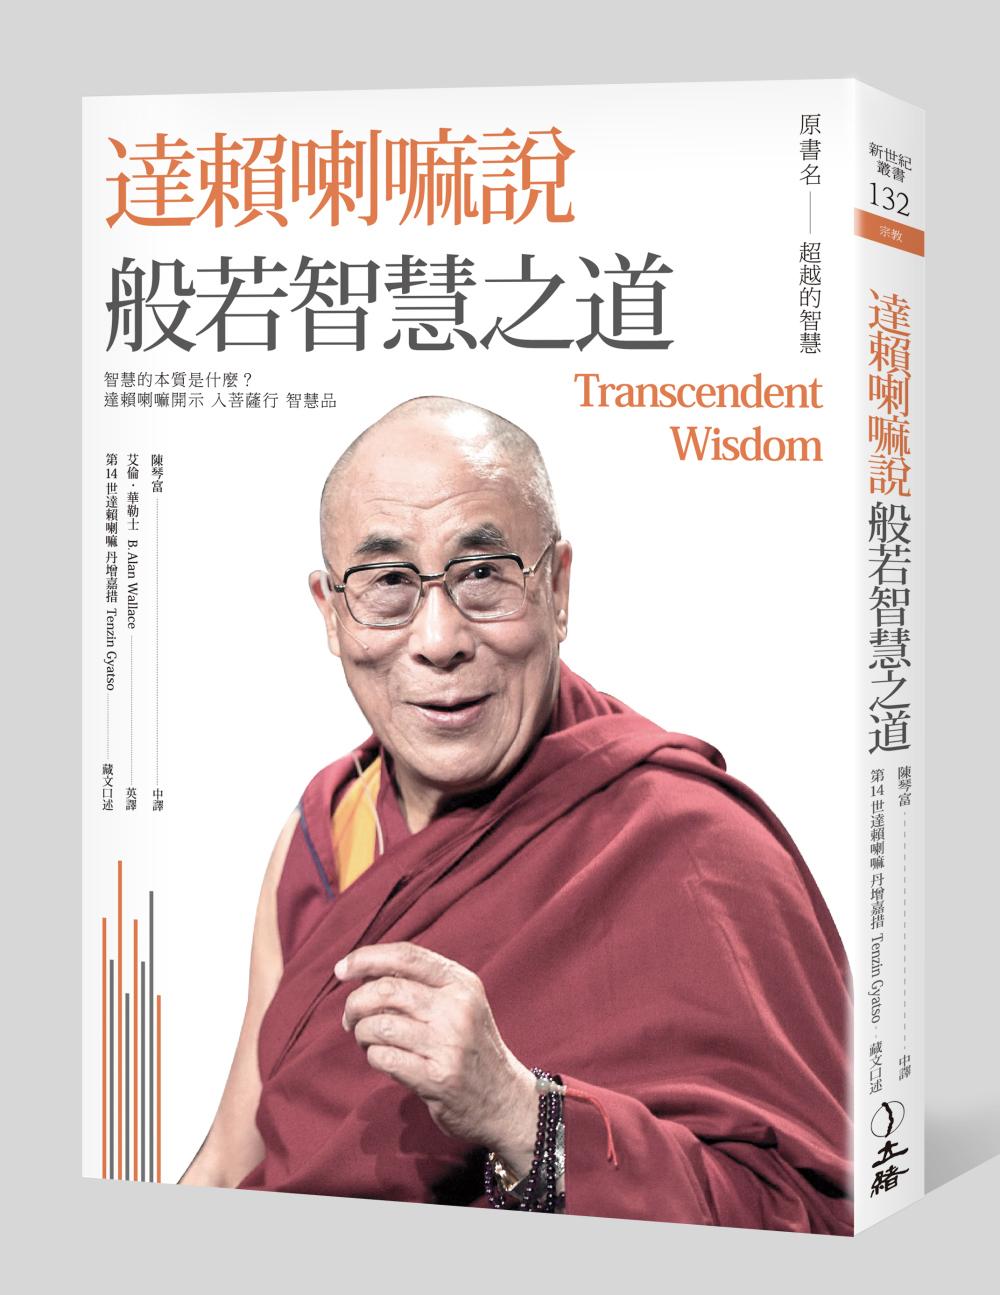 達賴喇嘛說般若智慧之道